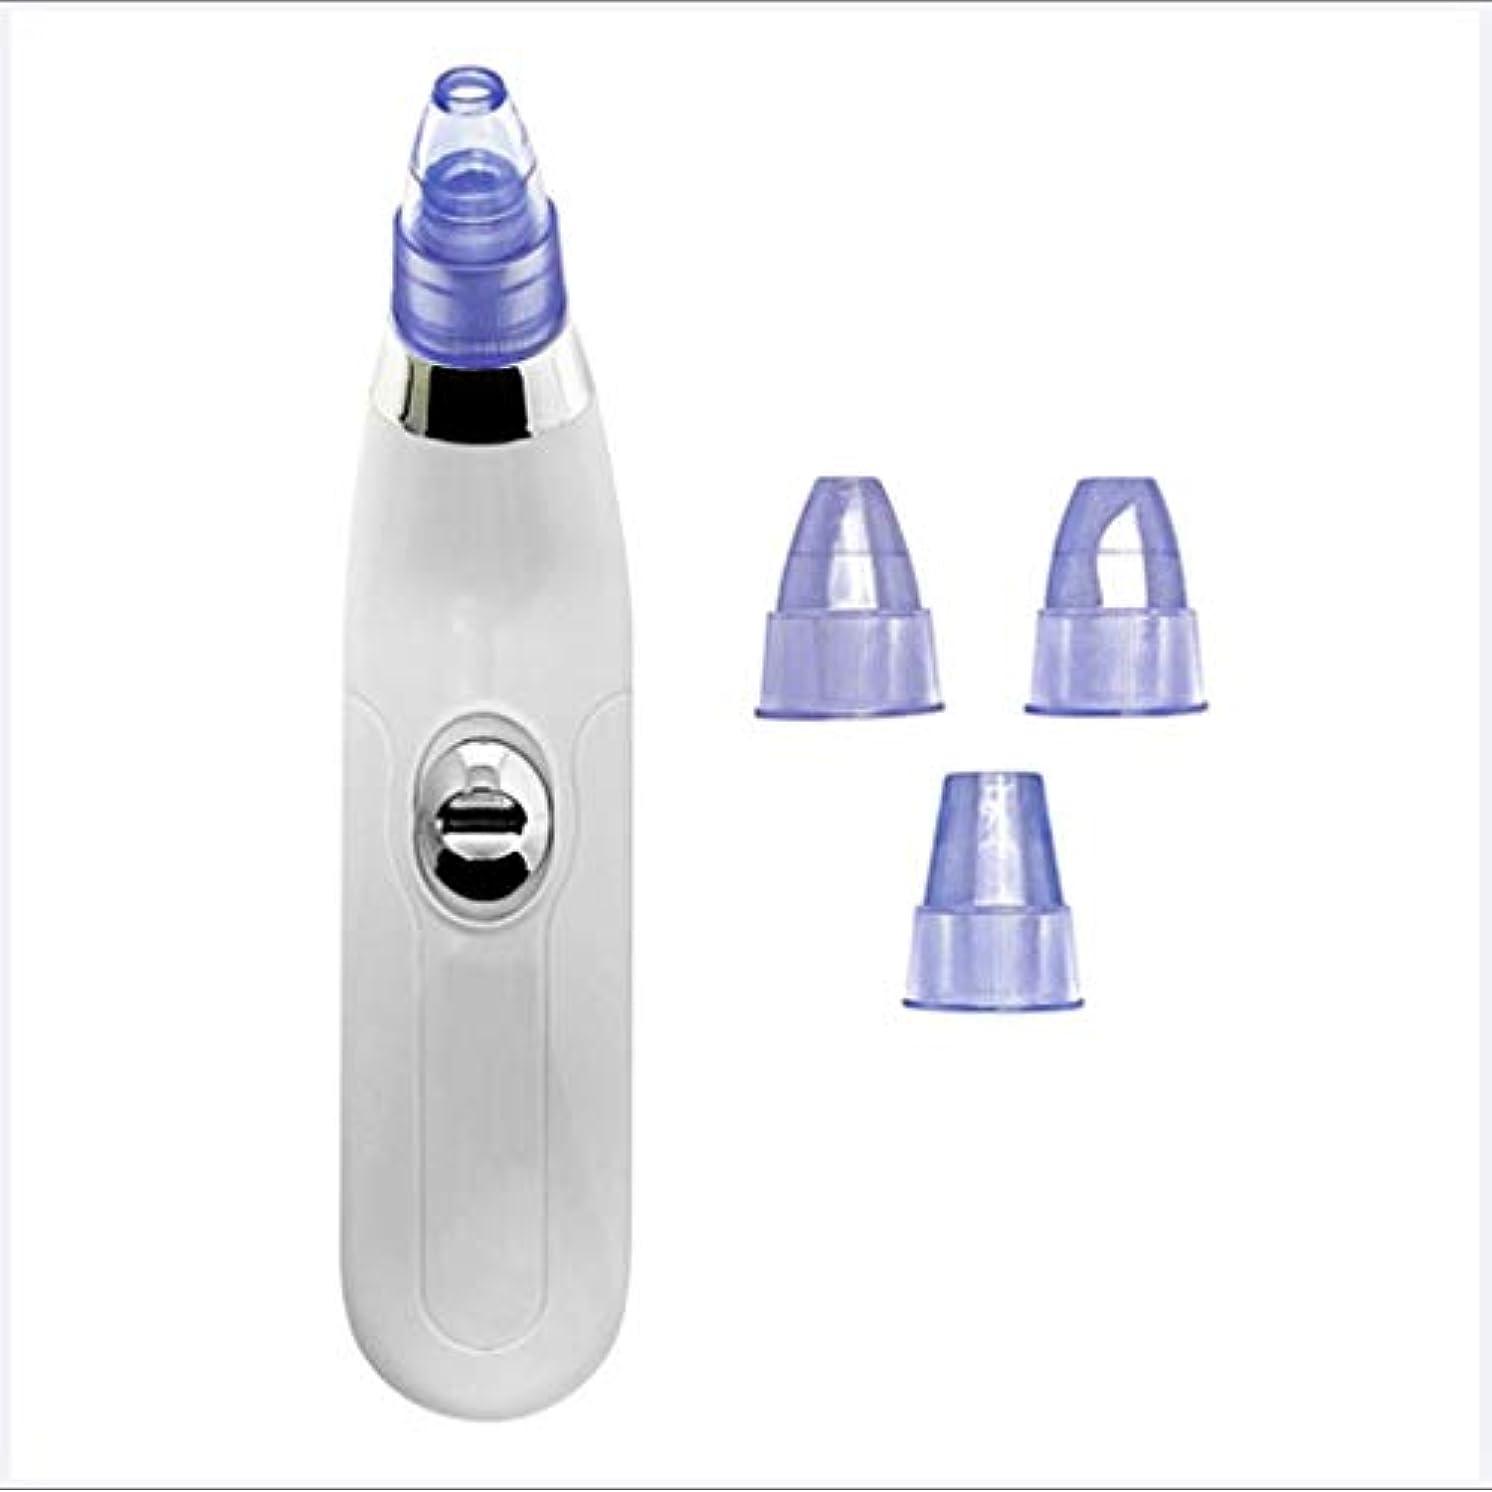 教室ベンチ準備電気くすみメーター - にきび - 家庭用電子クレンジング器具 - 美容器具